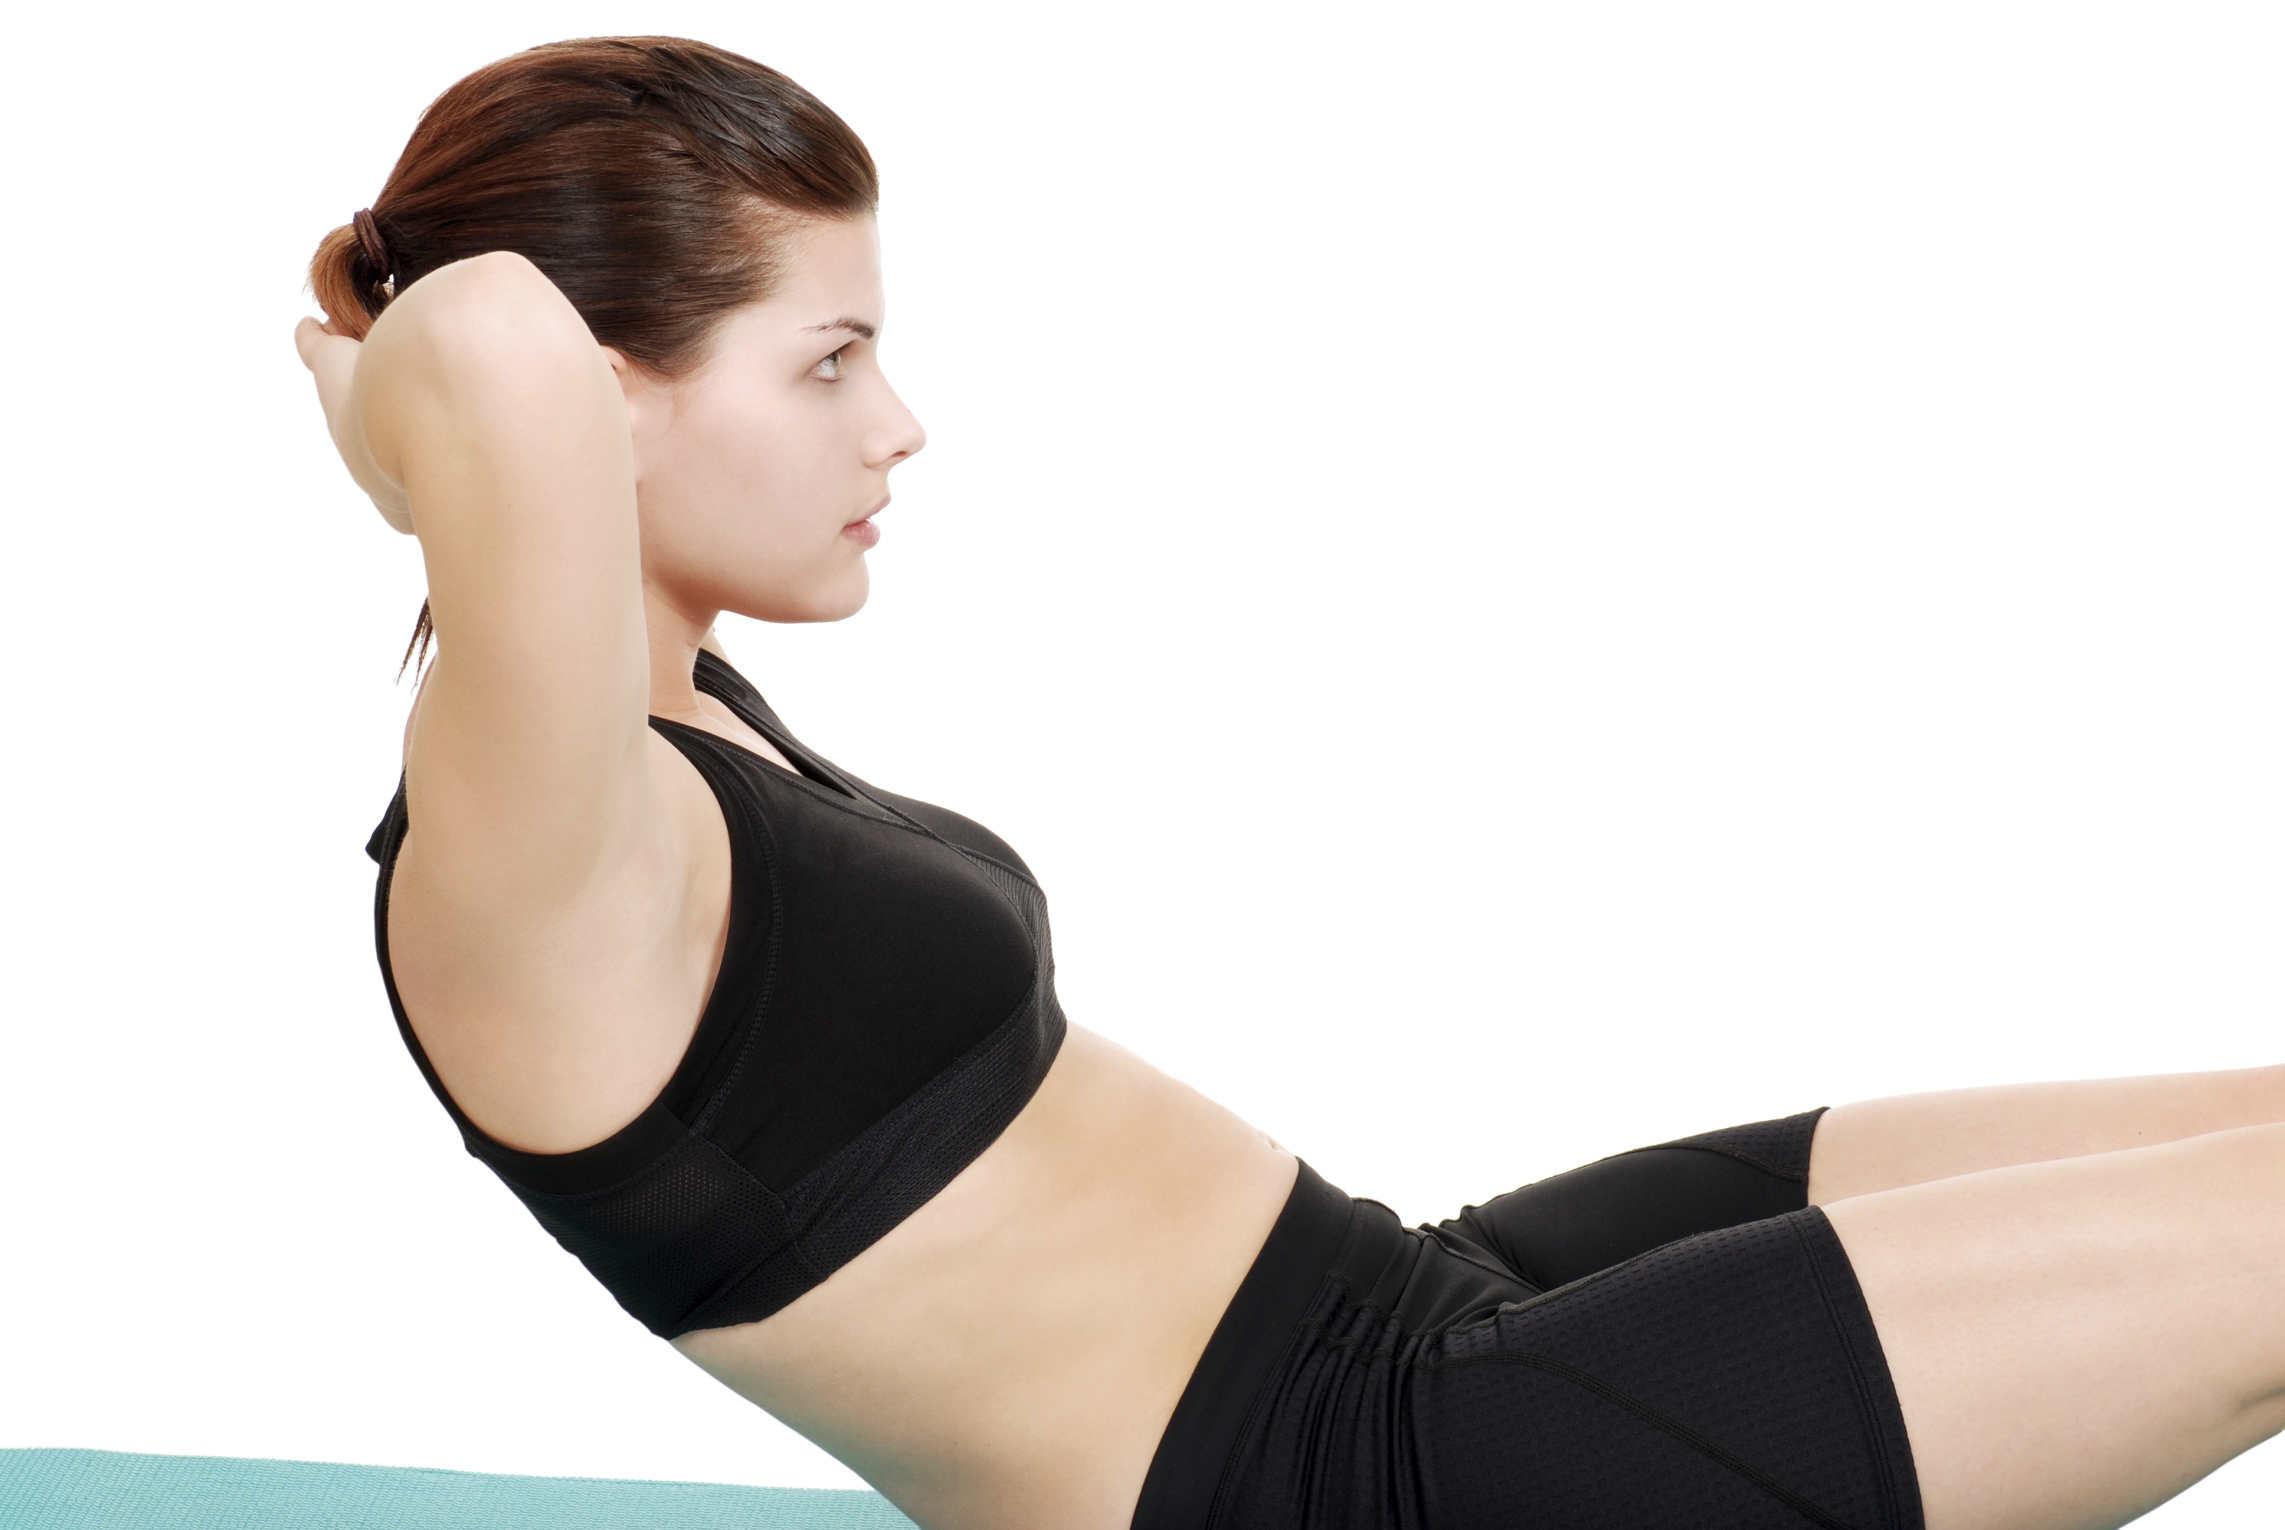 estirar la piel con ejercicios